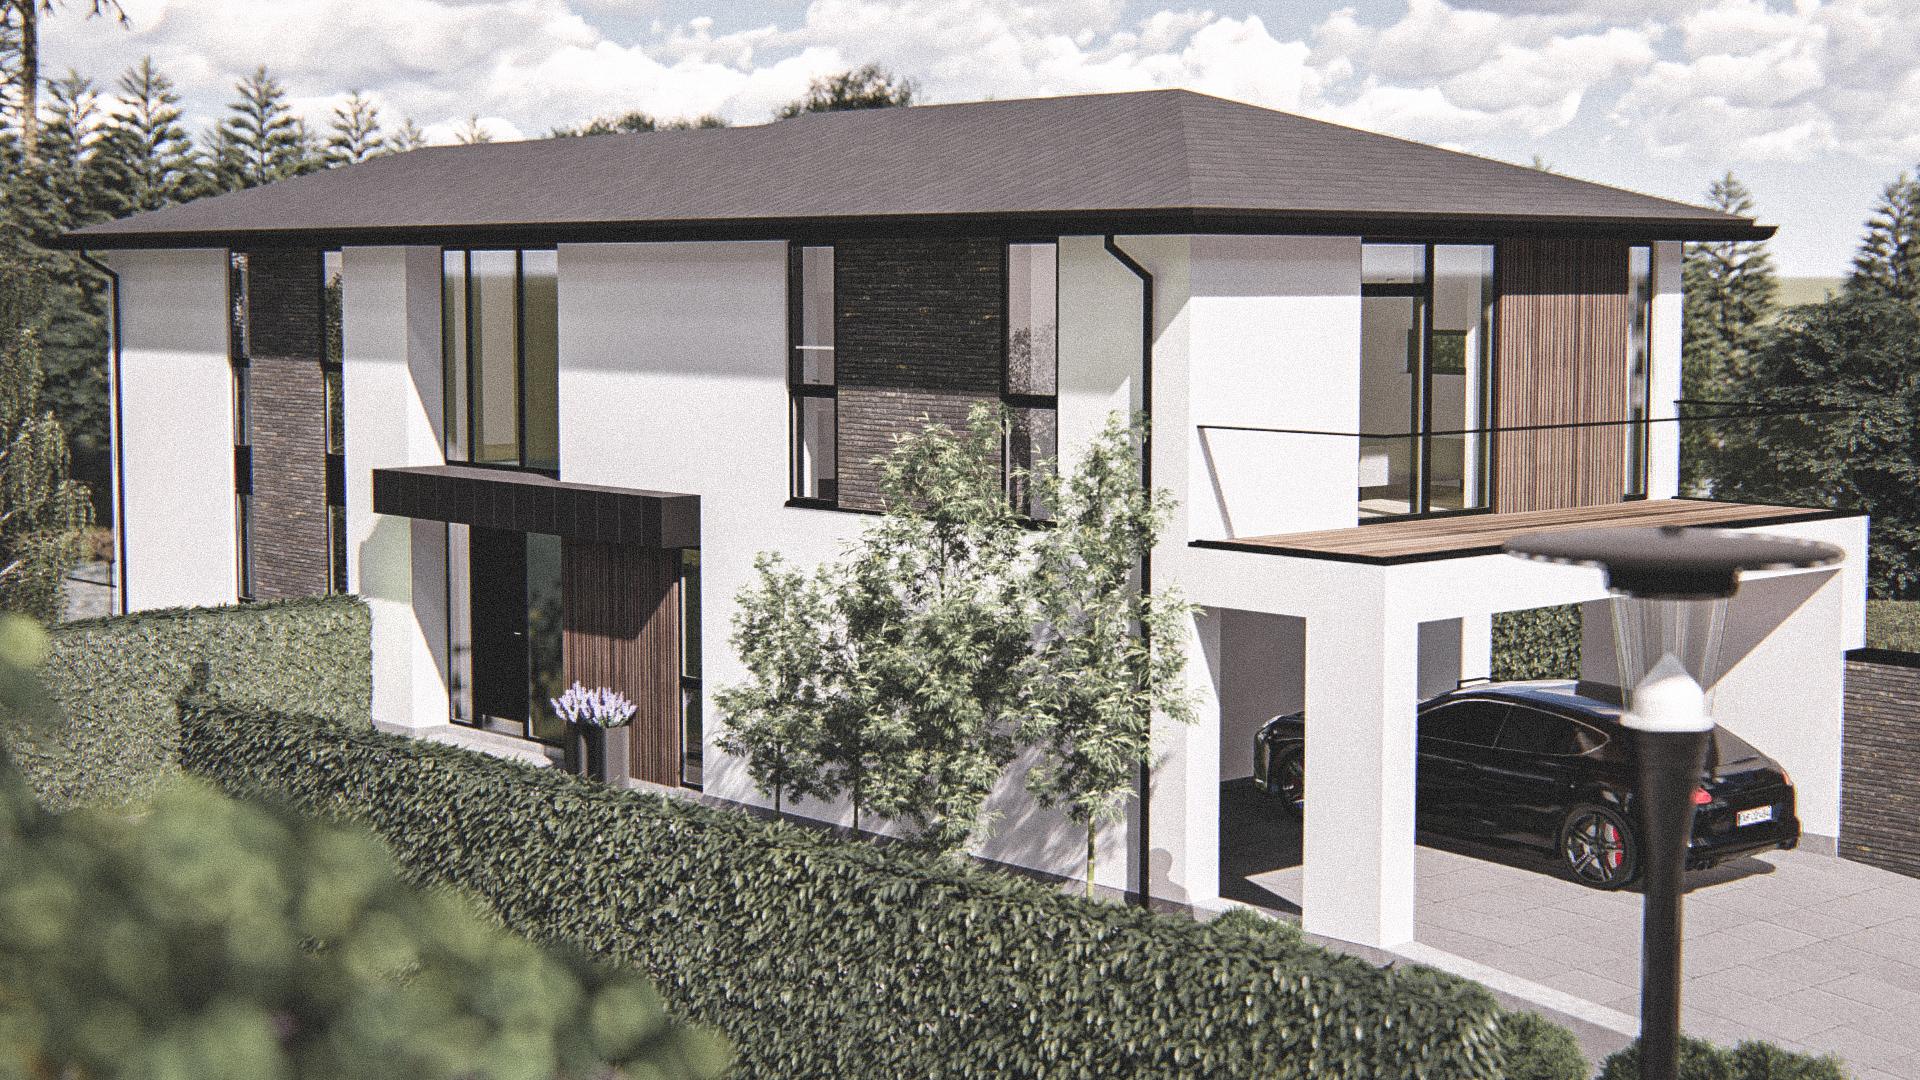 Billede af Dansk arkitekttegnet 2 plan villa af arkitektfirmaet m2plus, i Holte på 523 kvartratmeter.